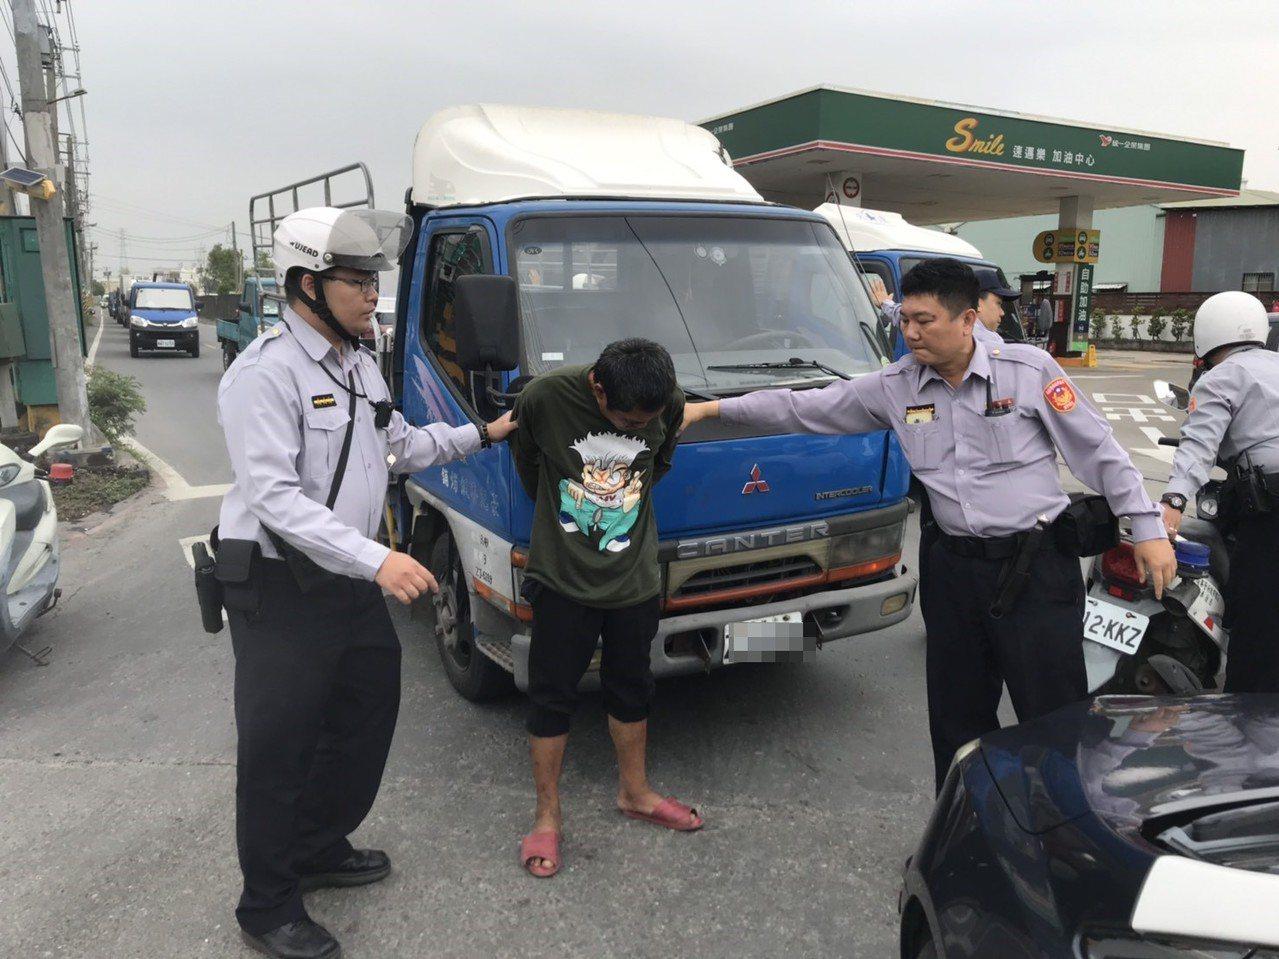 周姓男子偷車又酒駕,遭警方掏槍逮捕。記者徐白櫻/翻攝